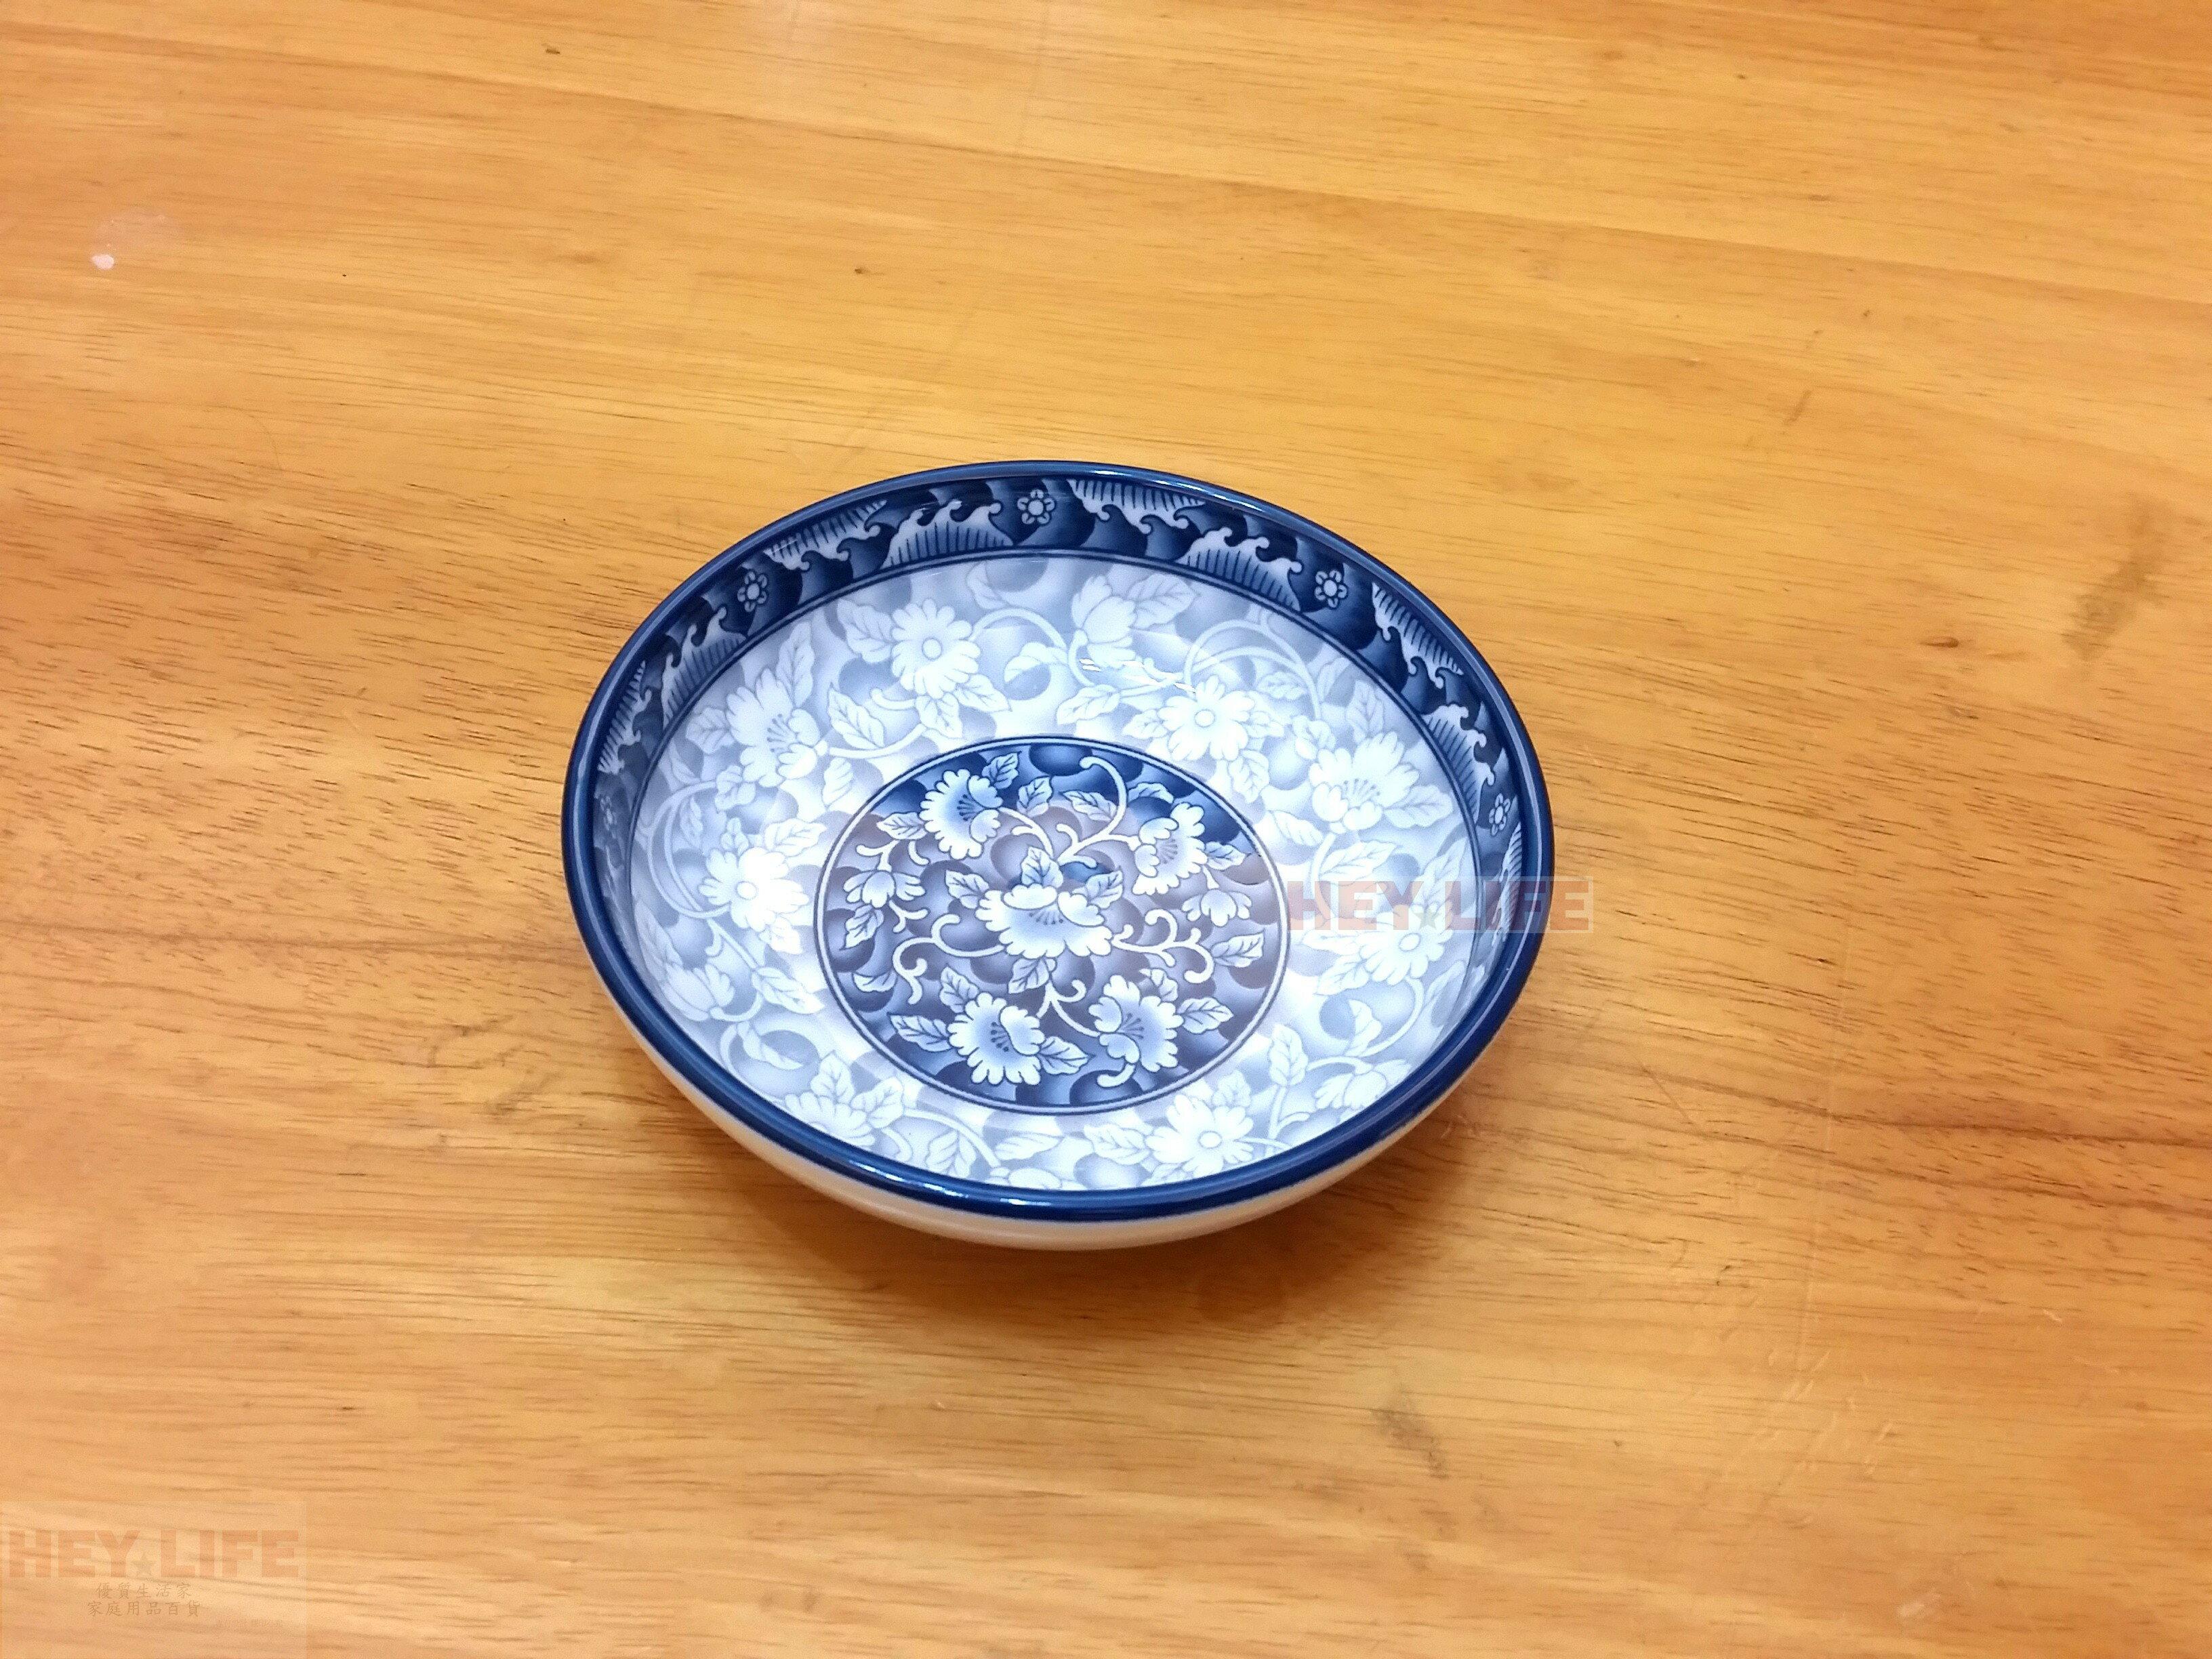 【HEYLIFE優質生活家】【瓷器工藝】4.4醬油小碟 鳳凰藍牡丹 韓國製造 品質保證